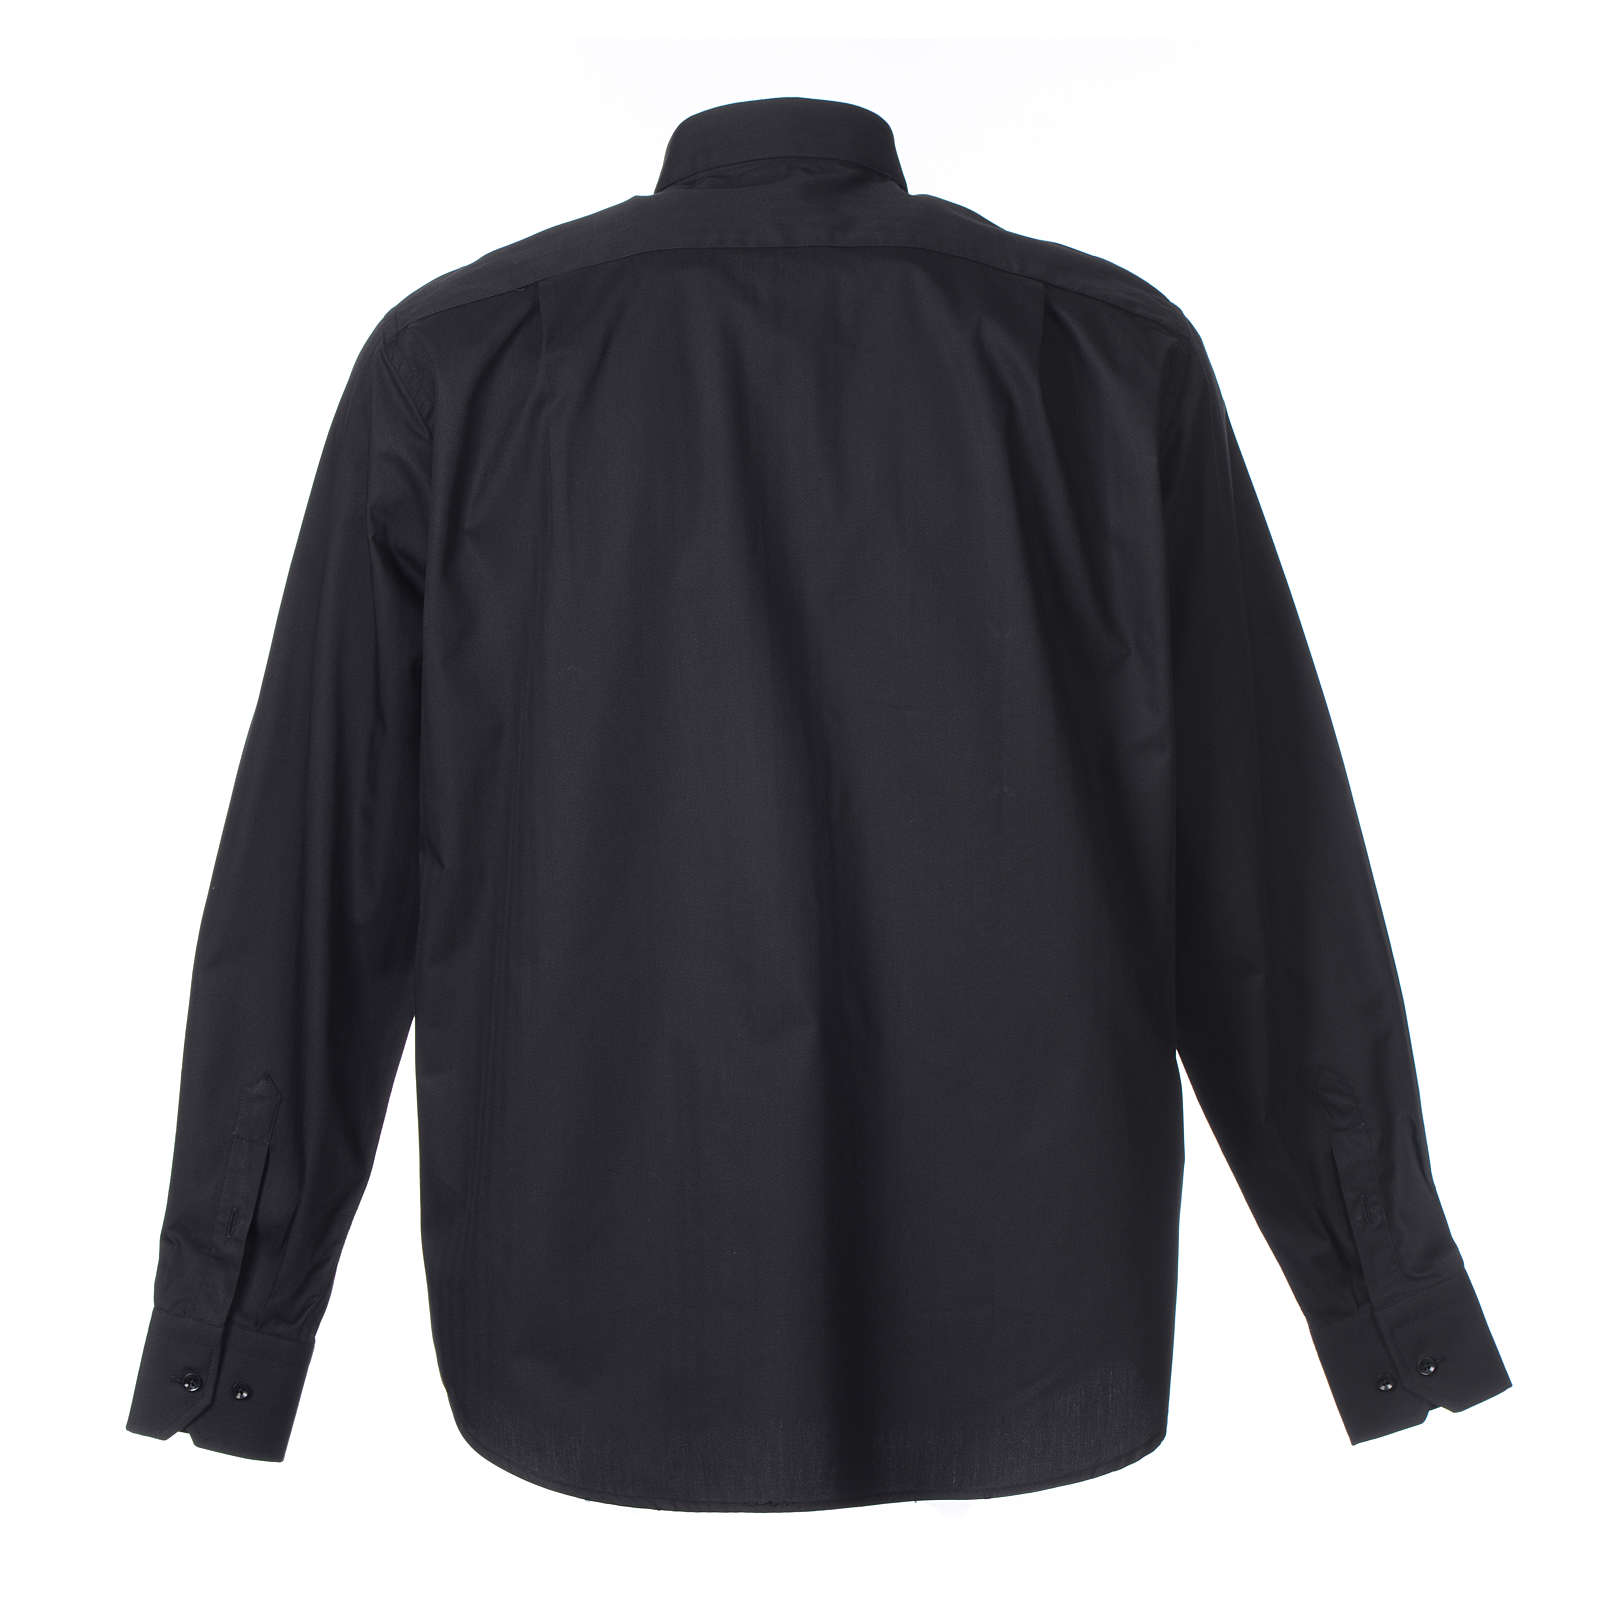 Chemise clergy m. longues Repassage facile Chevrons Mixte coton Noir 4